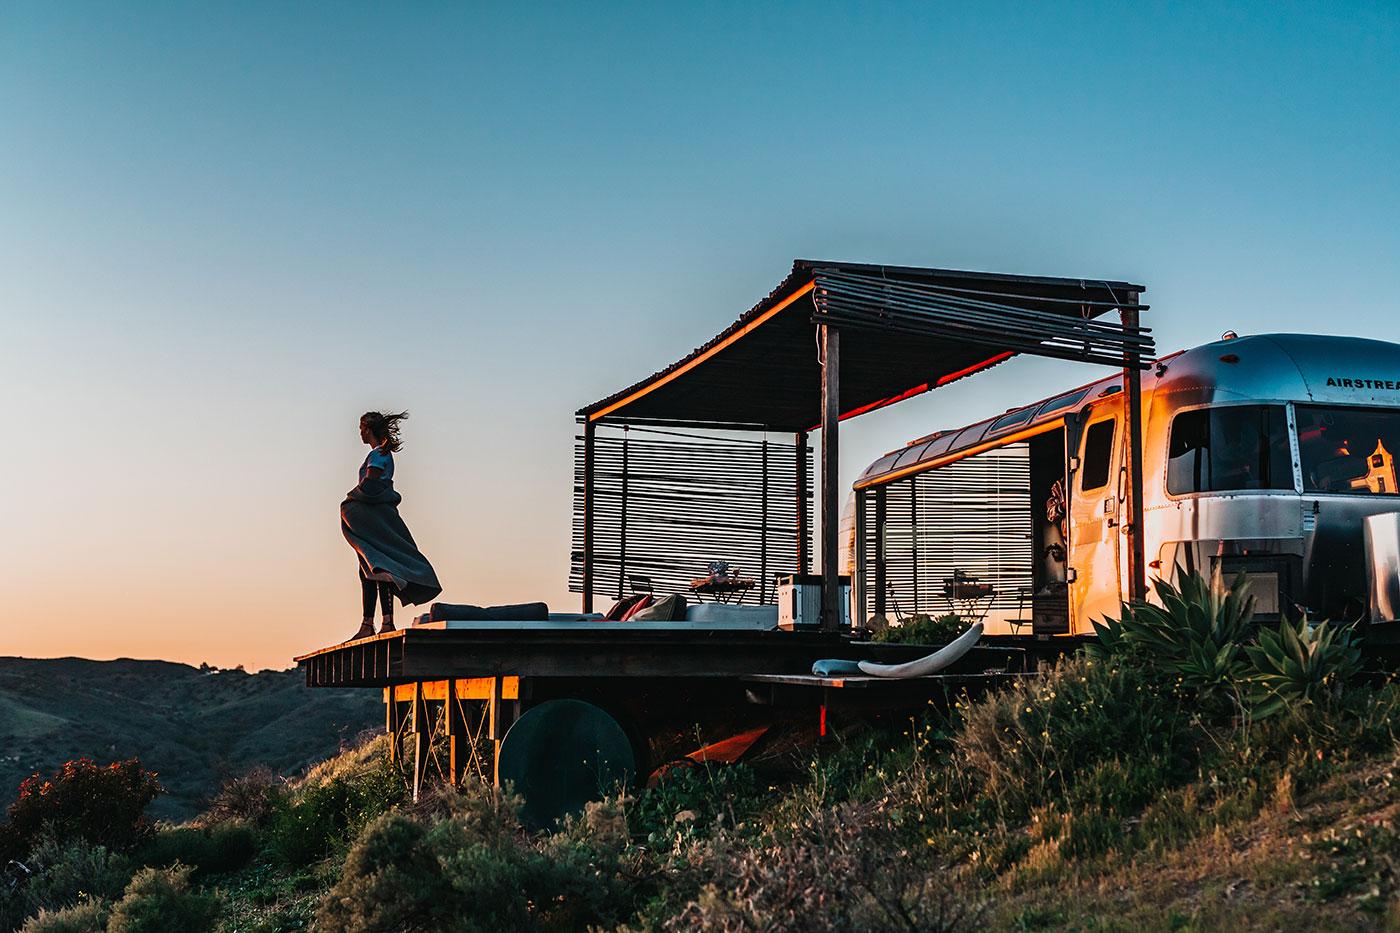 Small trailer home